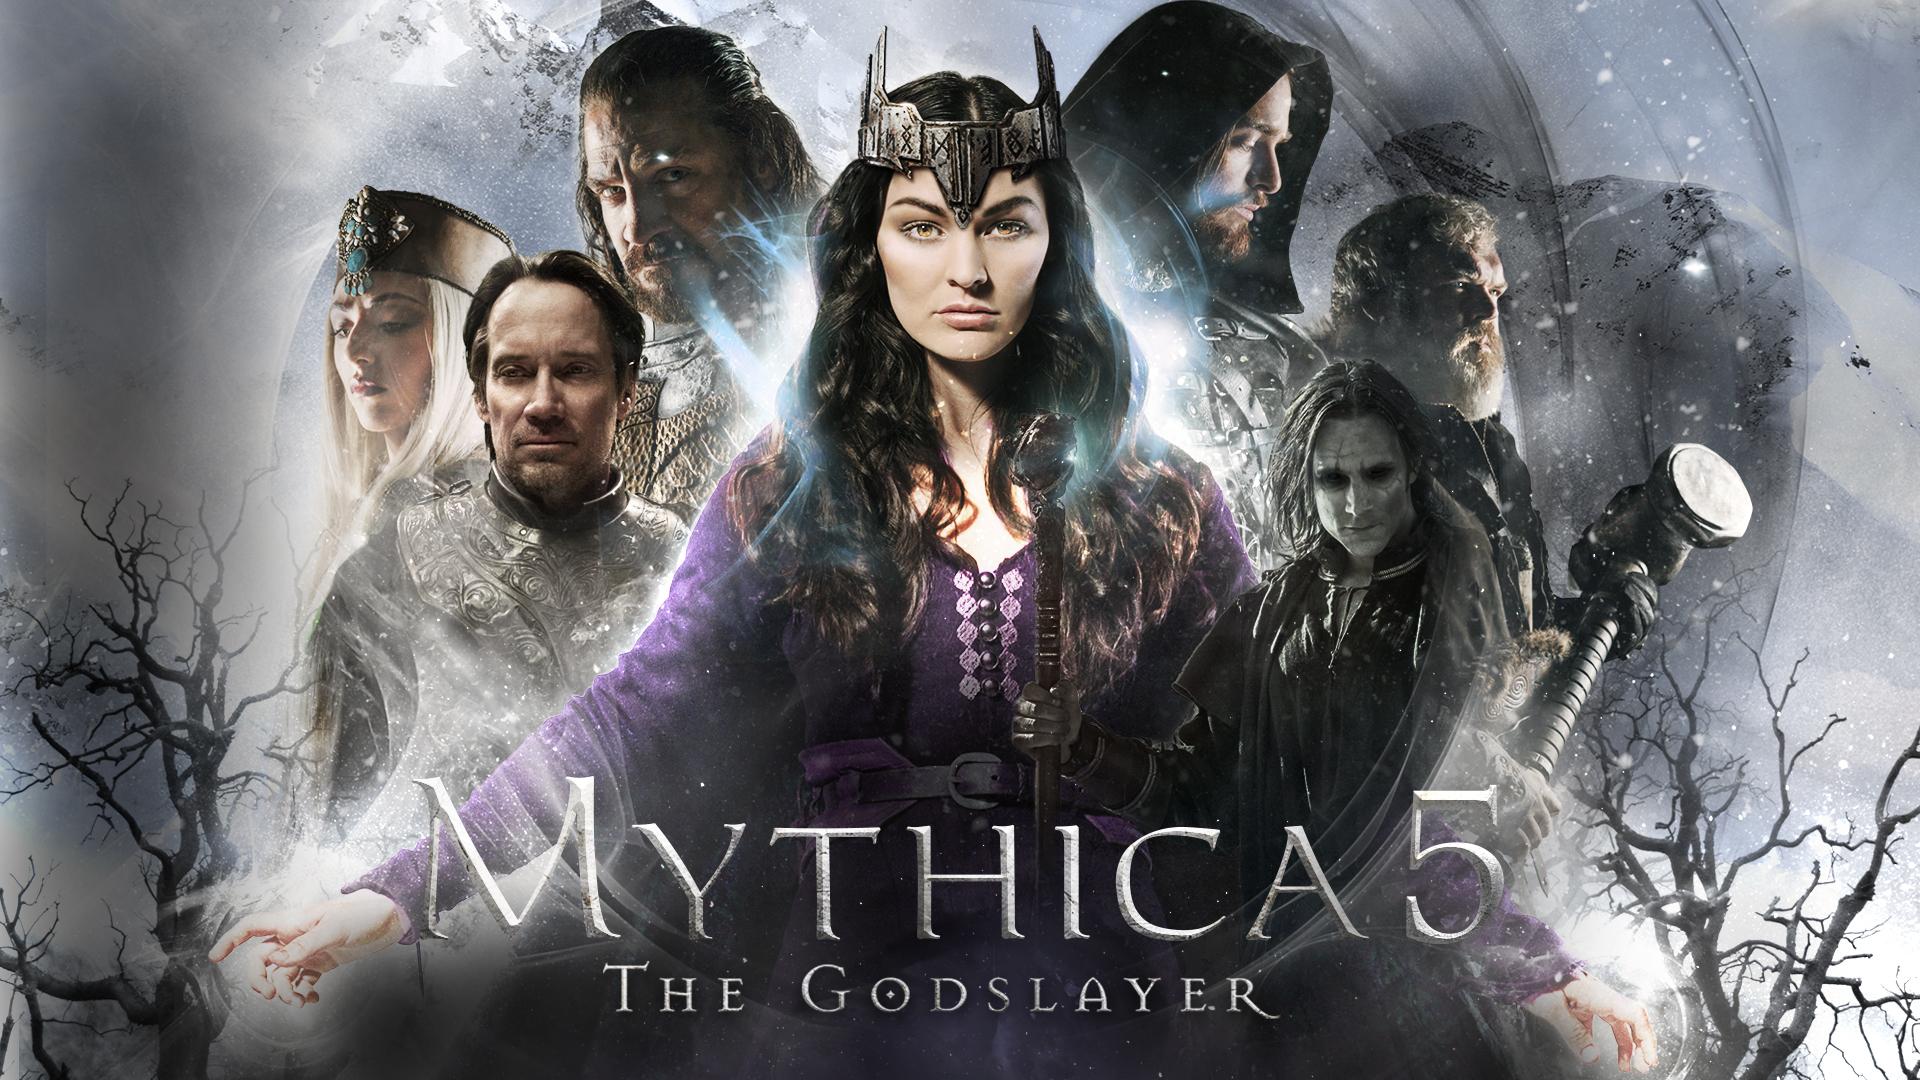 Mythica 5: The Godslayer